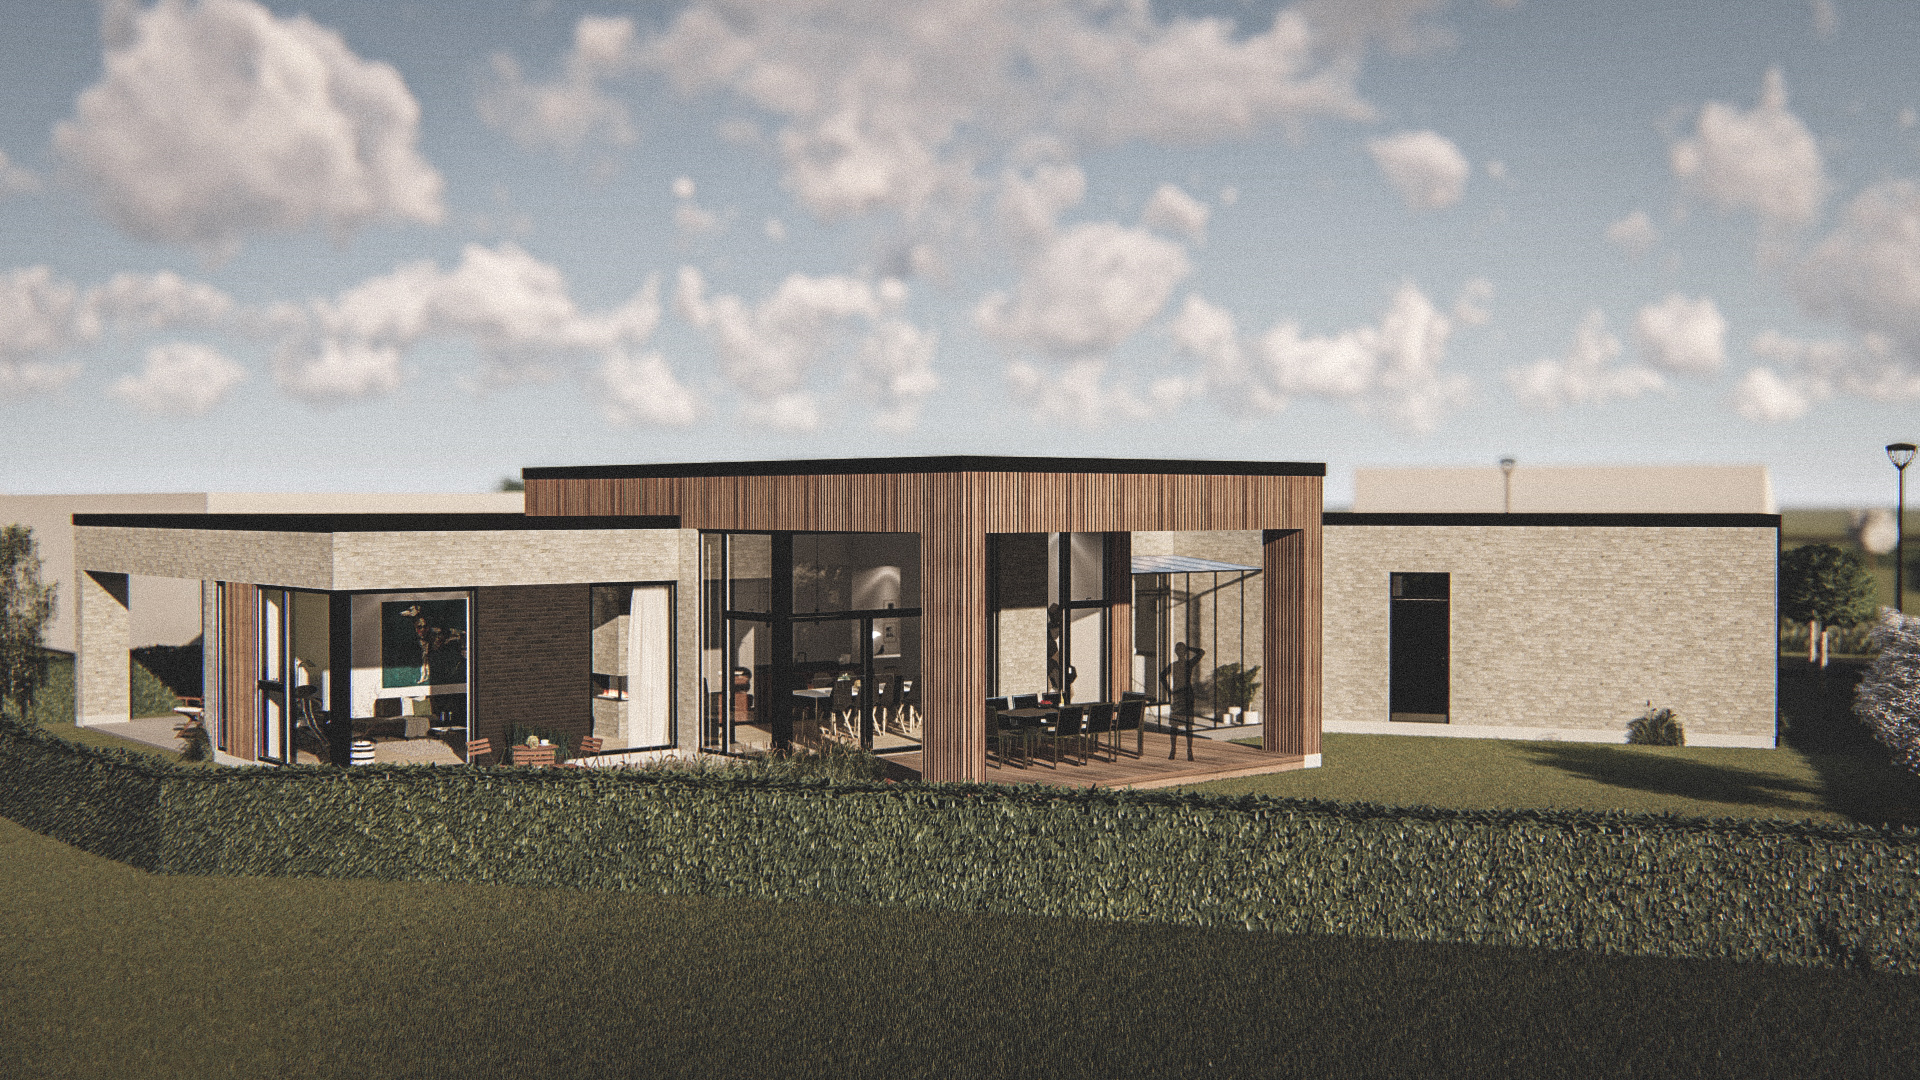 Billede af et arkitekt tegnet projektforslag af en ny 1plans drømme villa i Aalborg, af det danske arkitektfirma m2plus